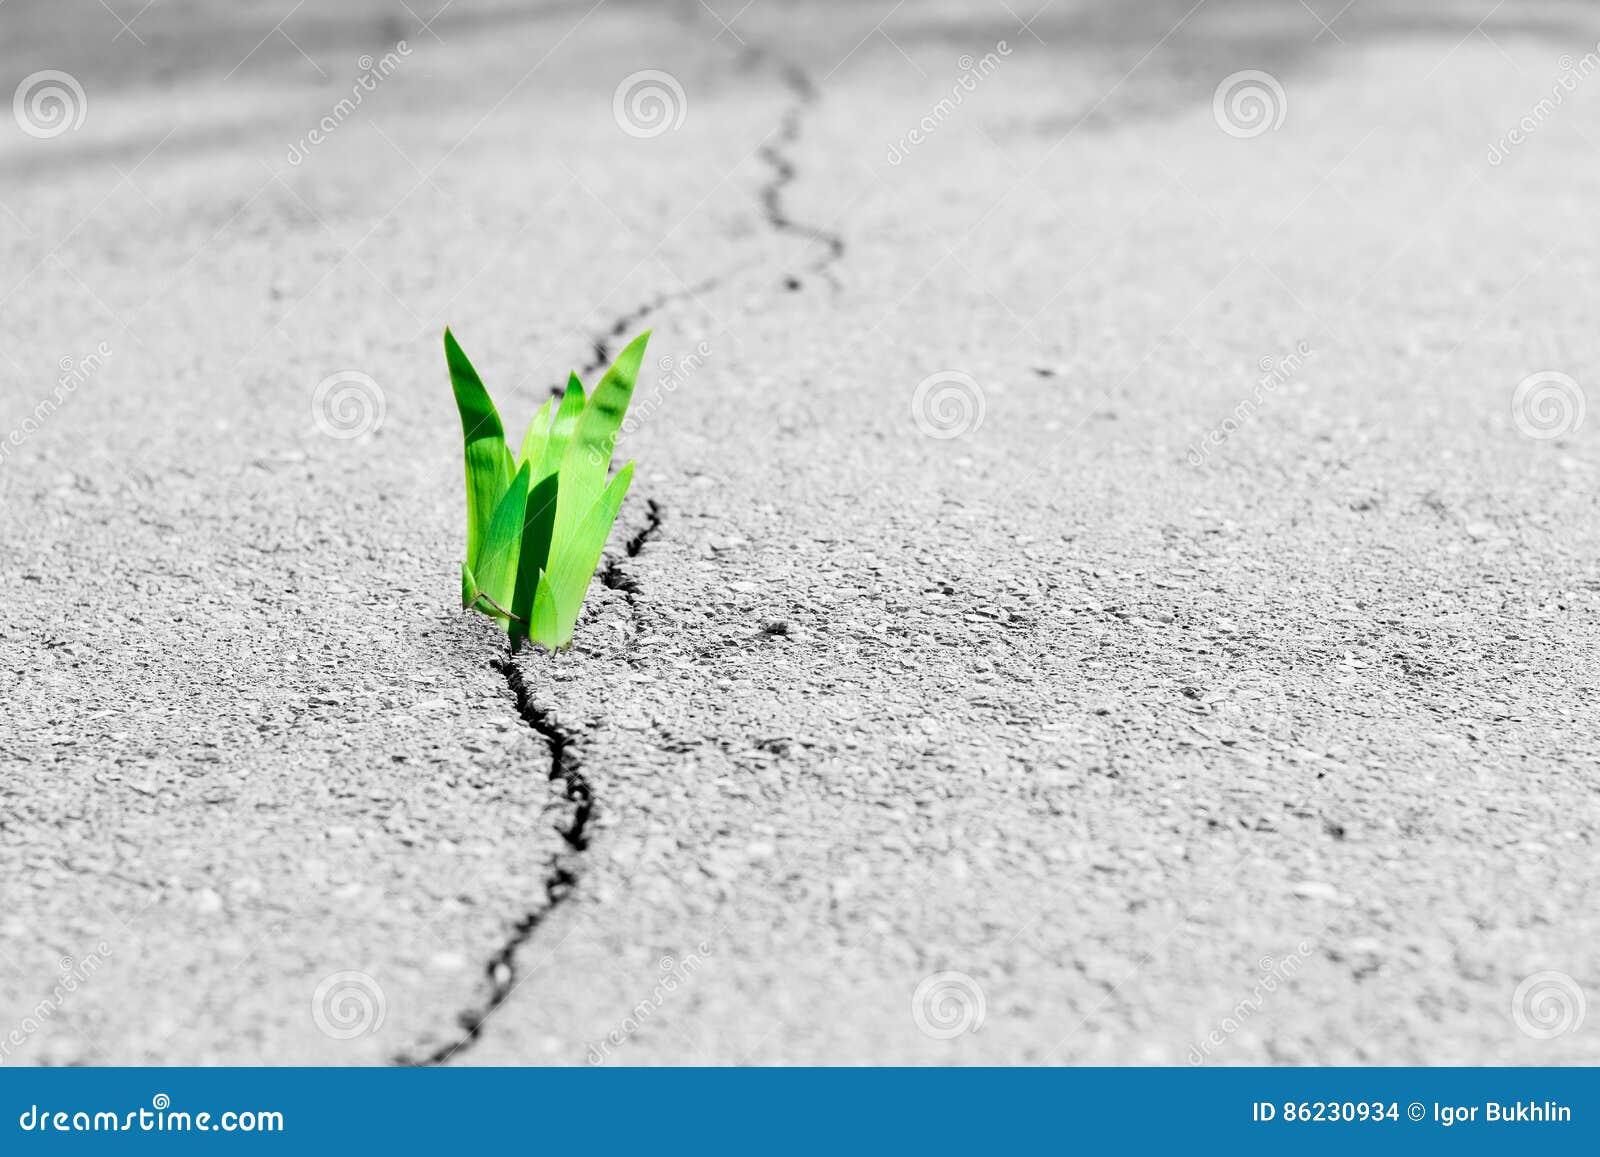 Små trädavbrott till och med trottoaren Den gröna grodden av en växt gör vägen till och med en sprickaasfalt